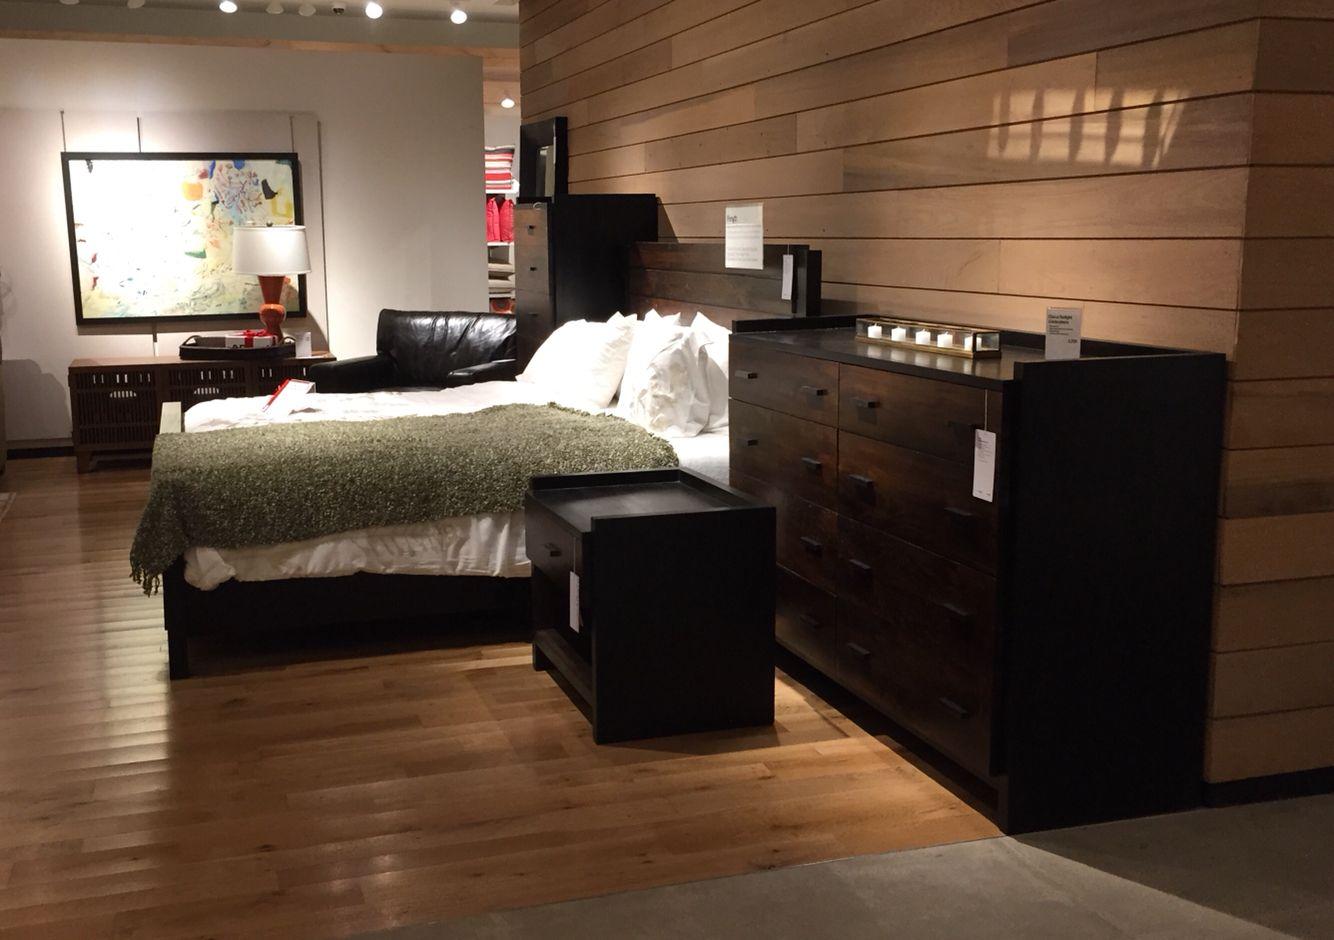 #CrateAndBarrel exploration :  Cozy bedroom setup